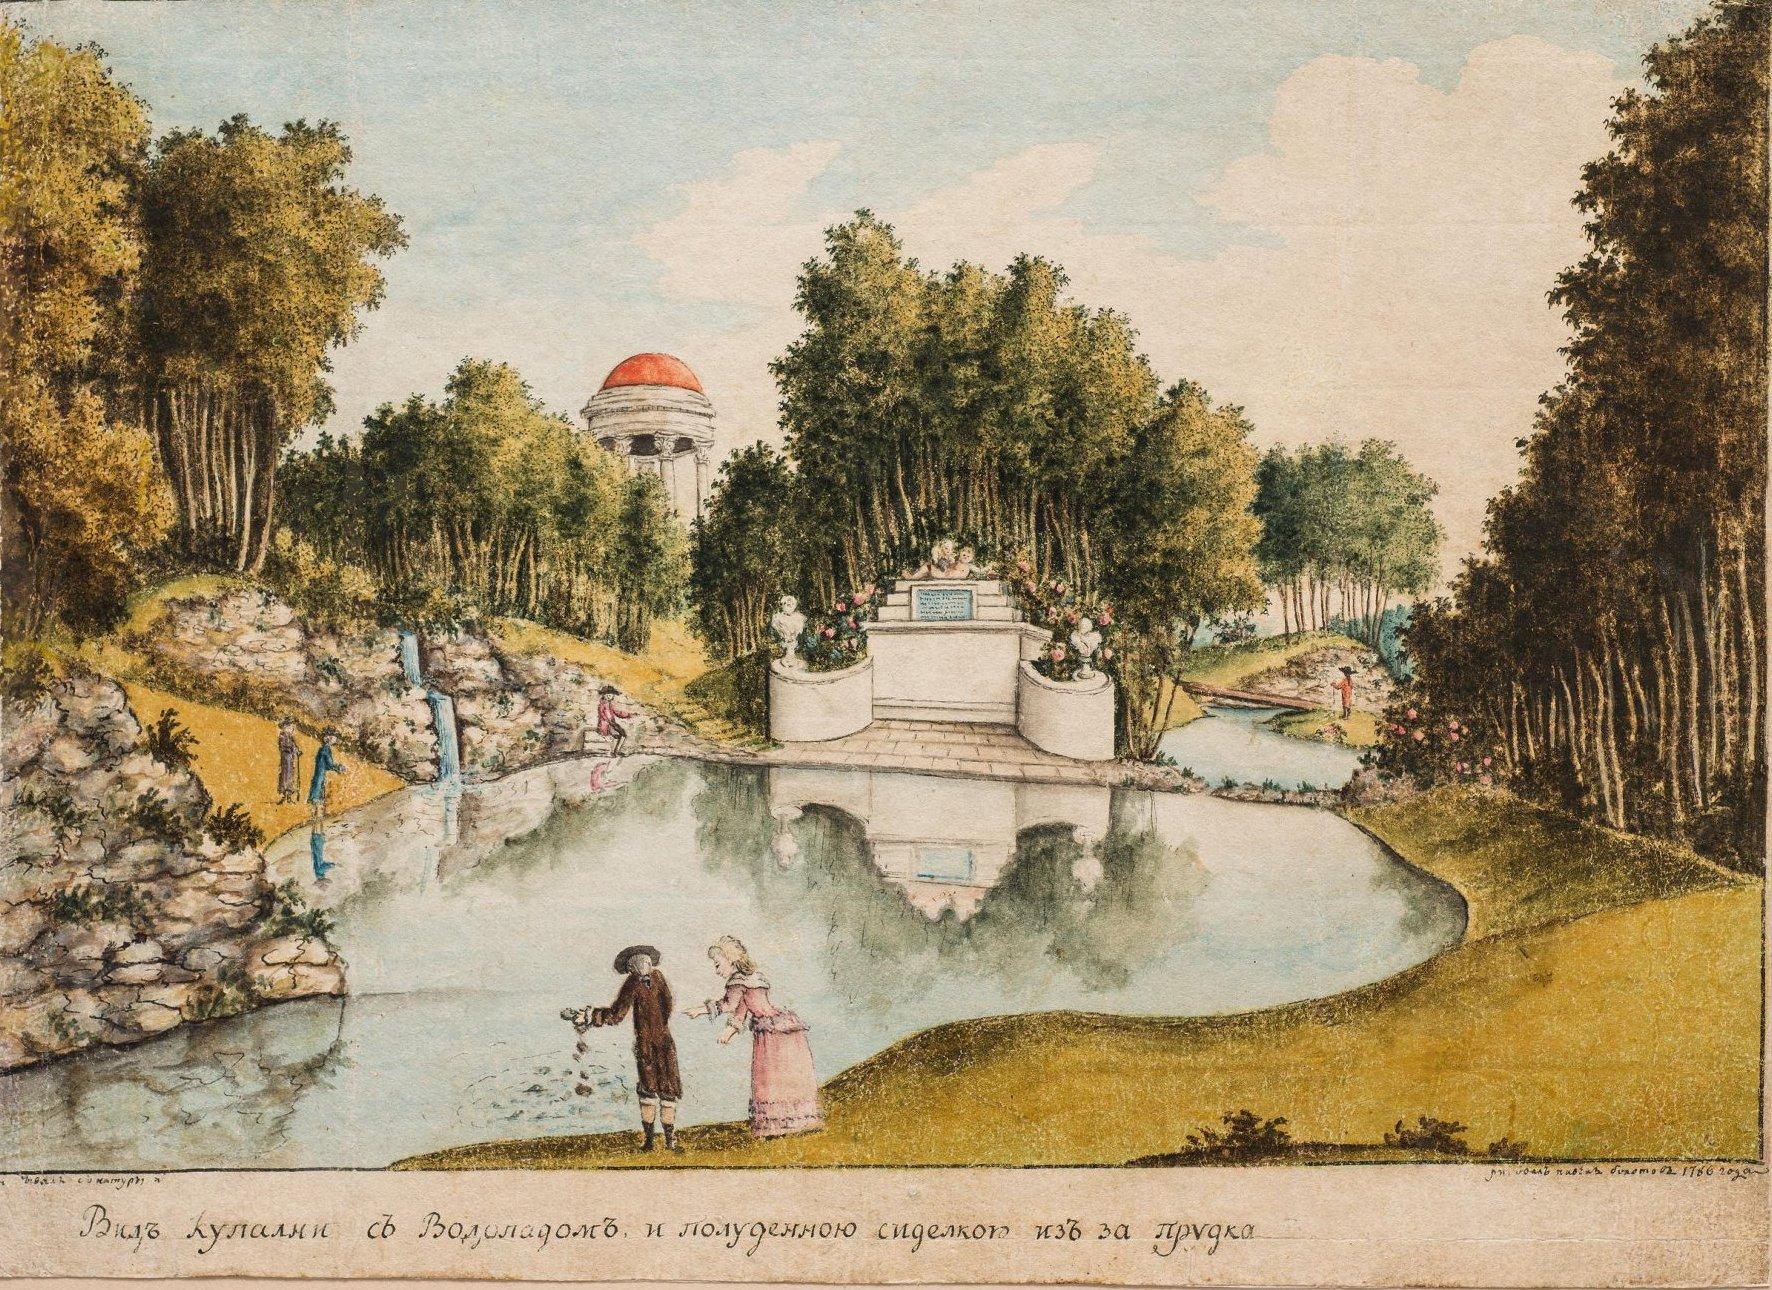 Вид купального пруда с водопадом и Полуденной сиделкой в Богородицком парке (Вид купальни с водопадом и полуденною сиделкою из-за прудка)